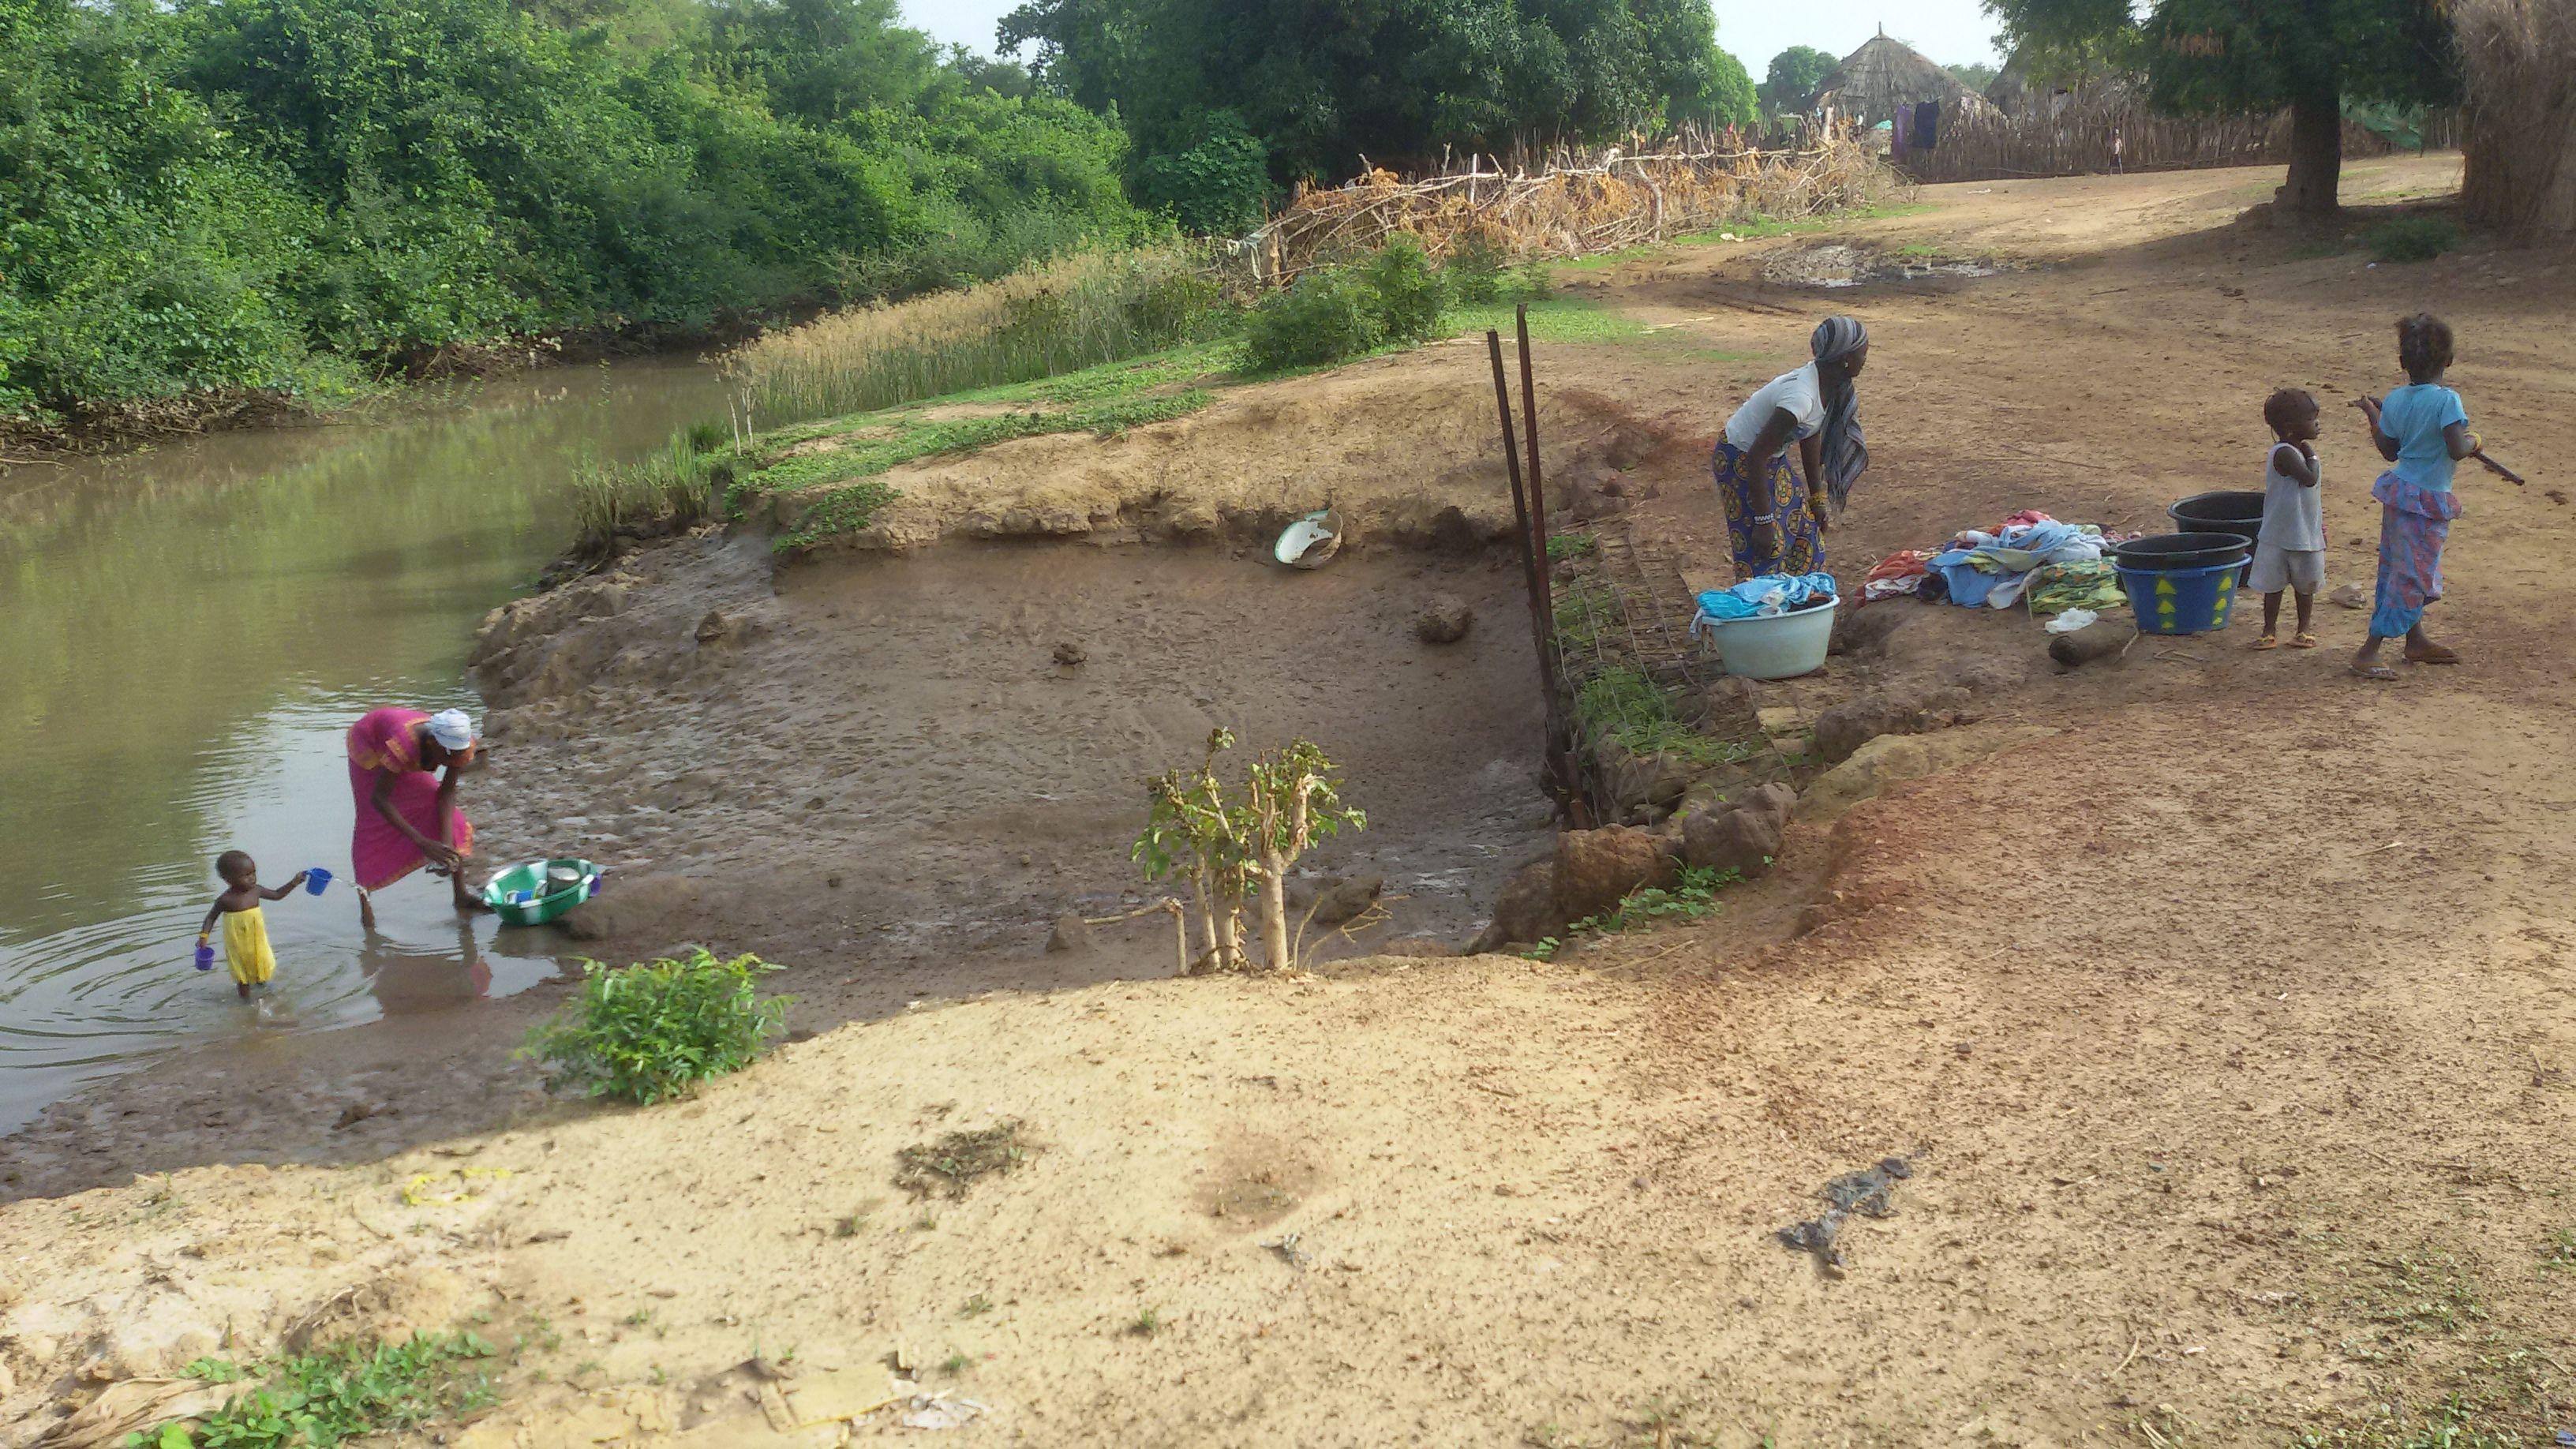 SCHOON DRINKWATER voor Brikamading. Ons eerste project in Gambia!